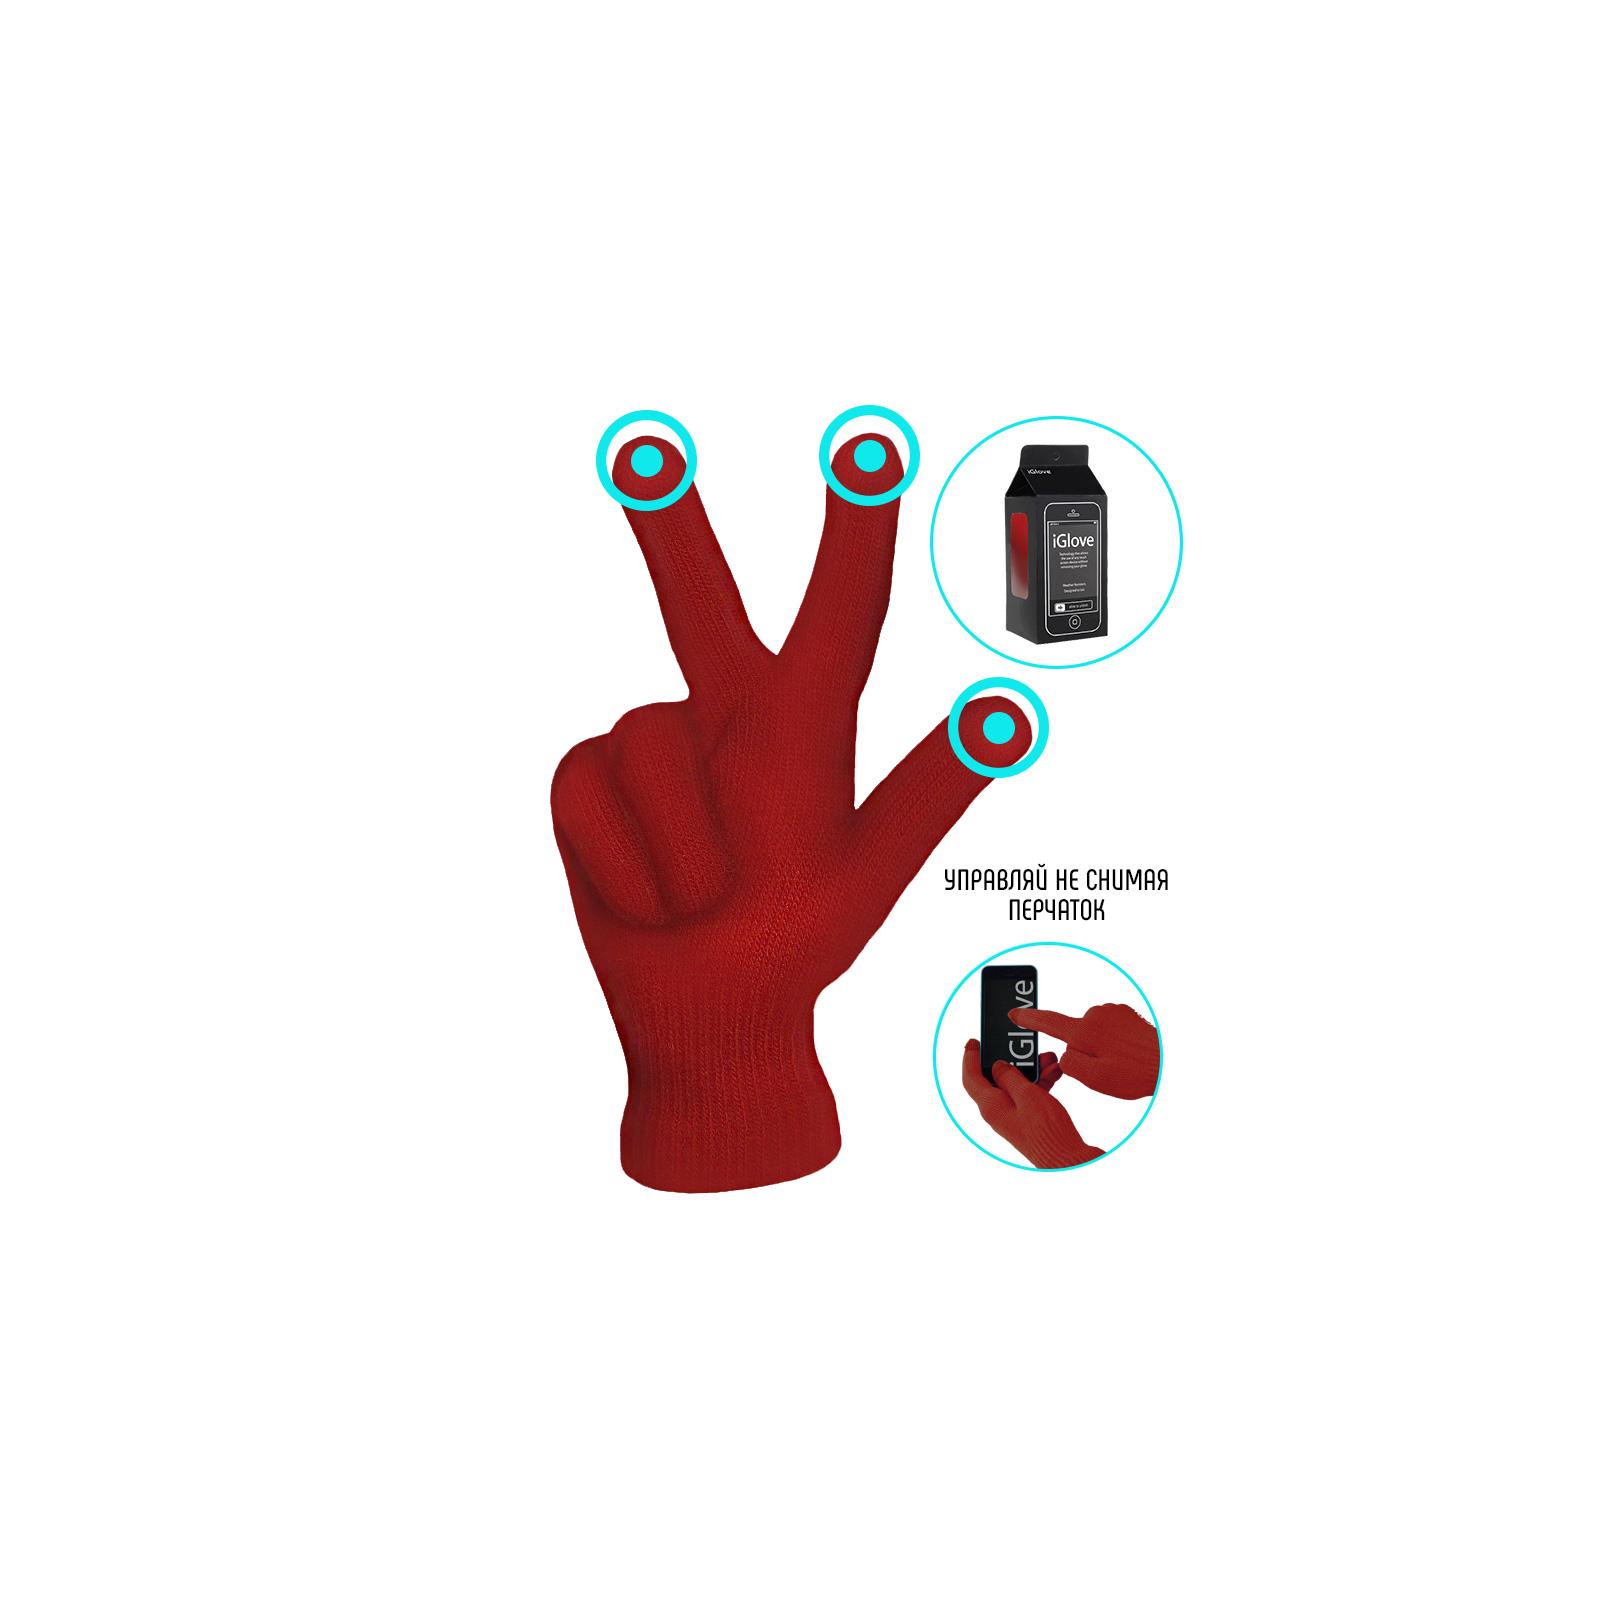 Перчатки для сенсорных экранов iGlove Red (4822356754397) изображение 2